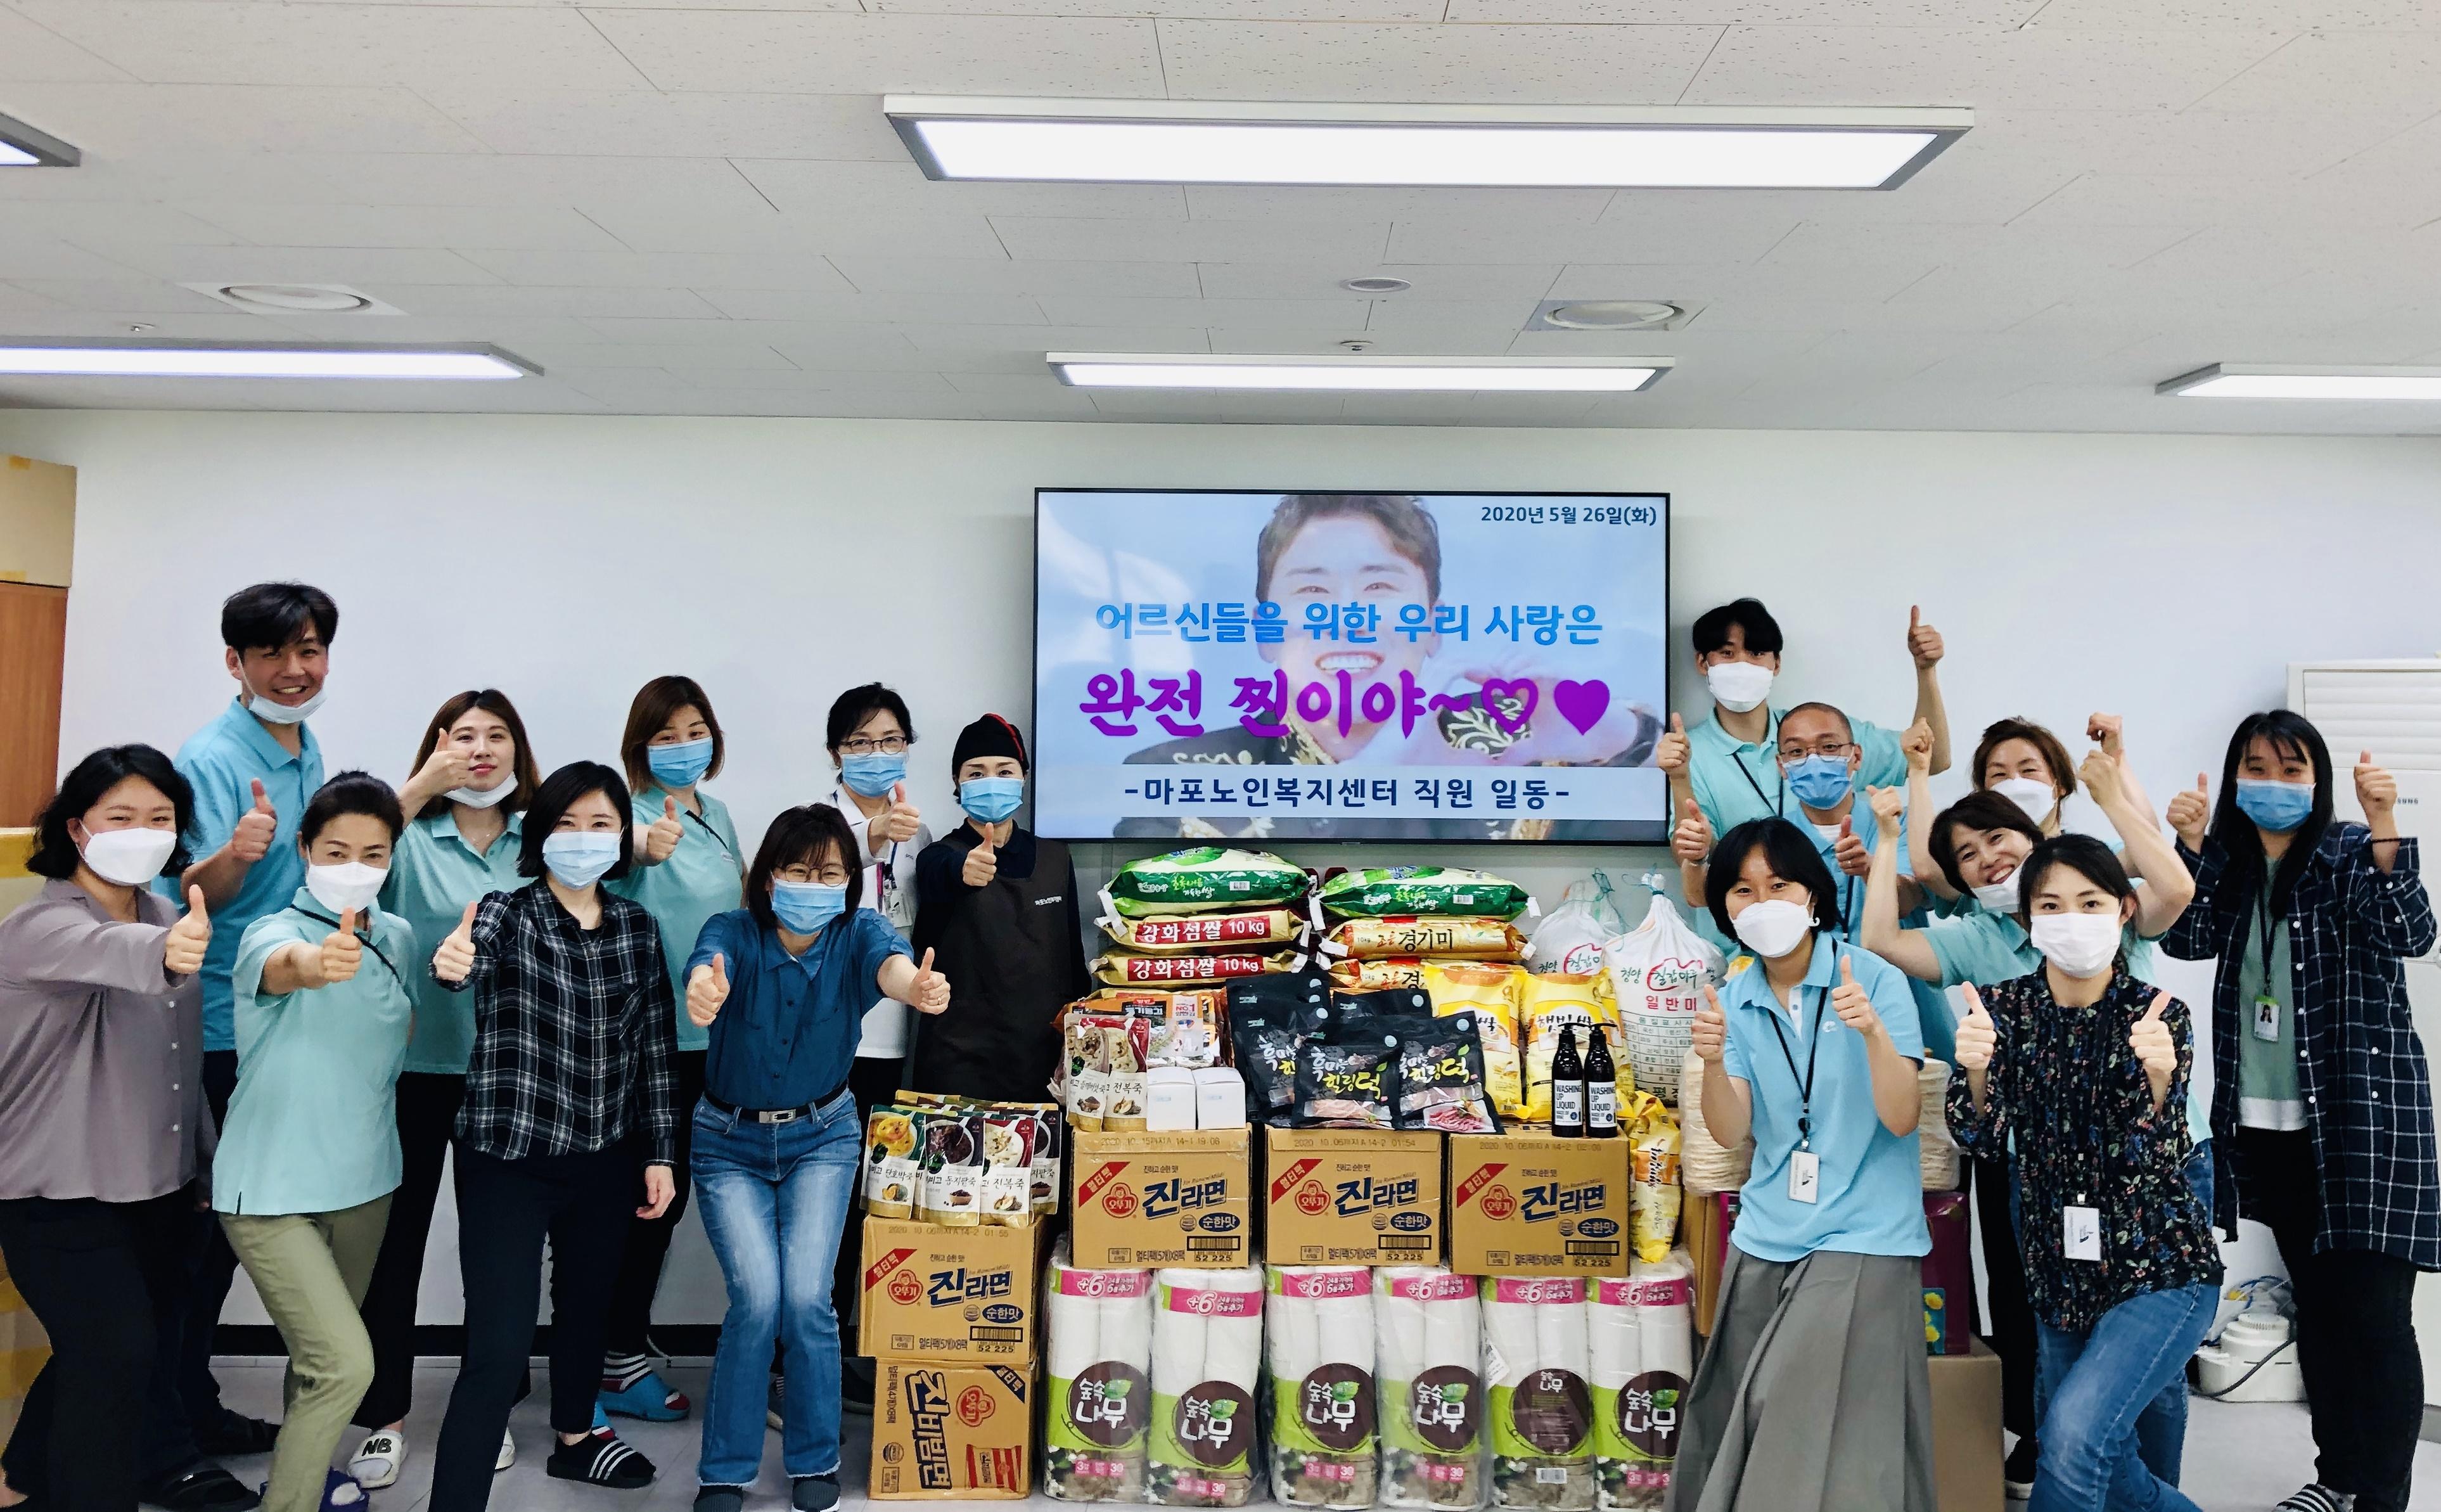 [공통]마포노인복지센터 직원과 함께하는 코로나19 재난지원금 후원